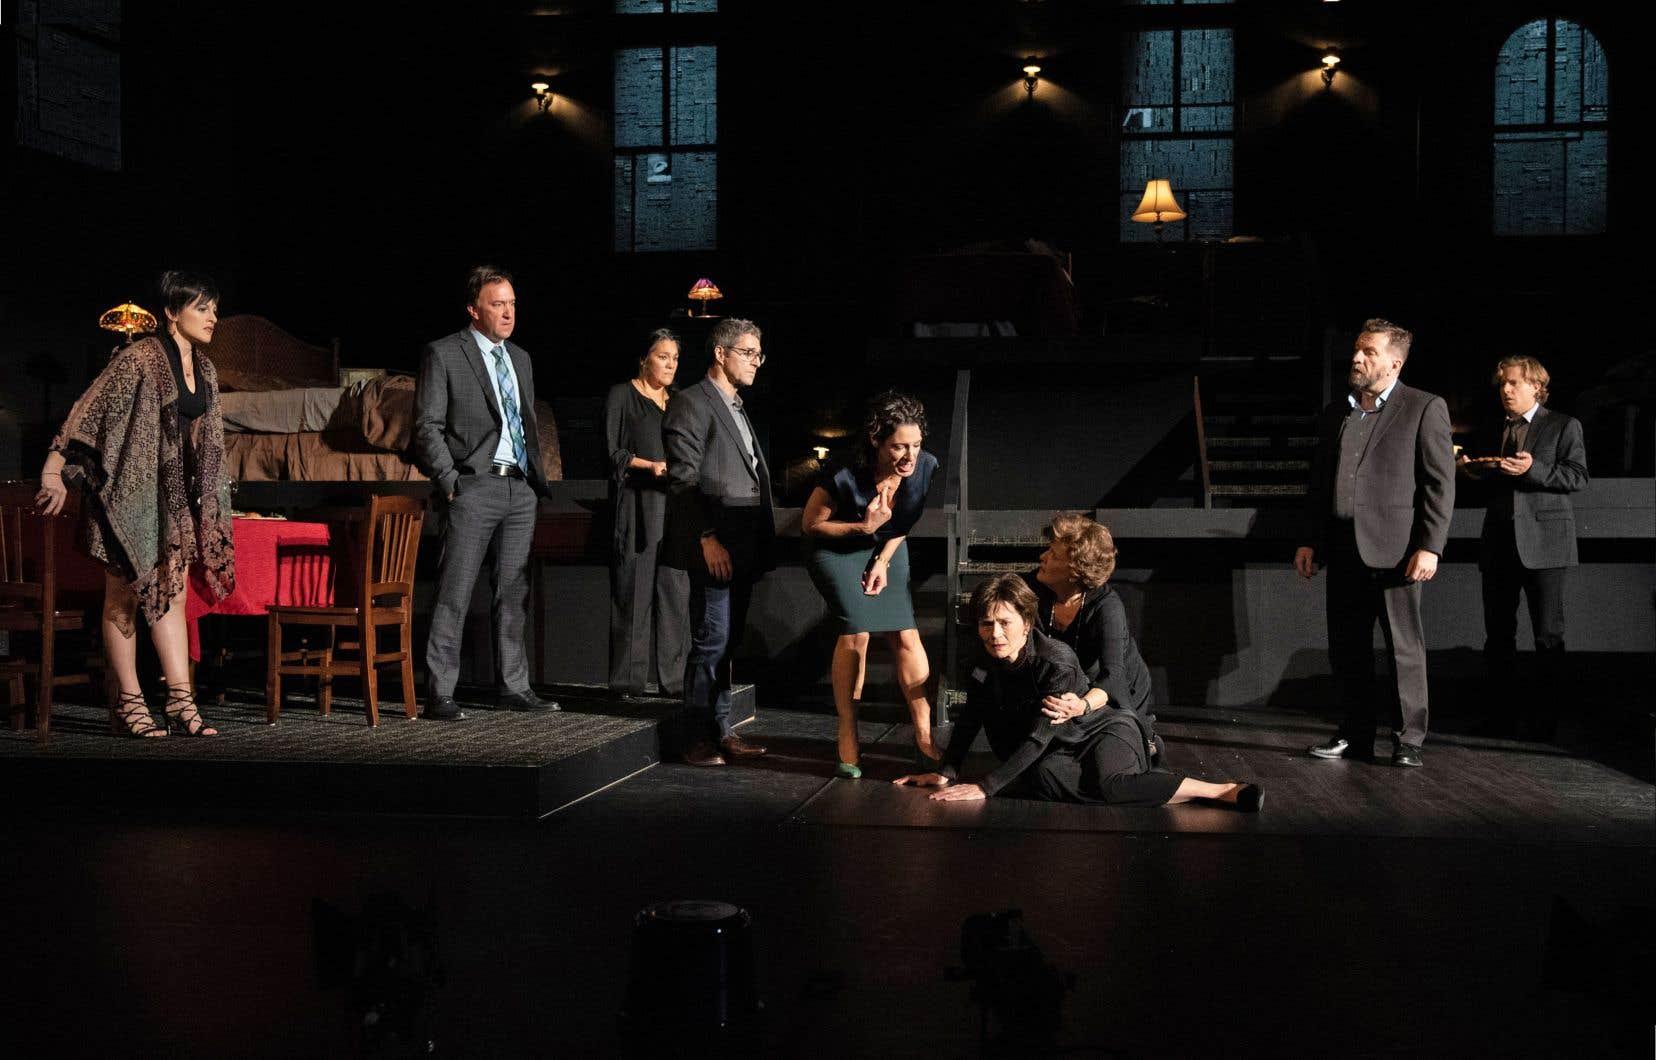 Il s'agit de l'une de ces histoires de familles dysfonctionnelles dont raffole le théâtre américain, tout comme la télévision d'ailleurs.